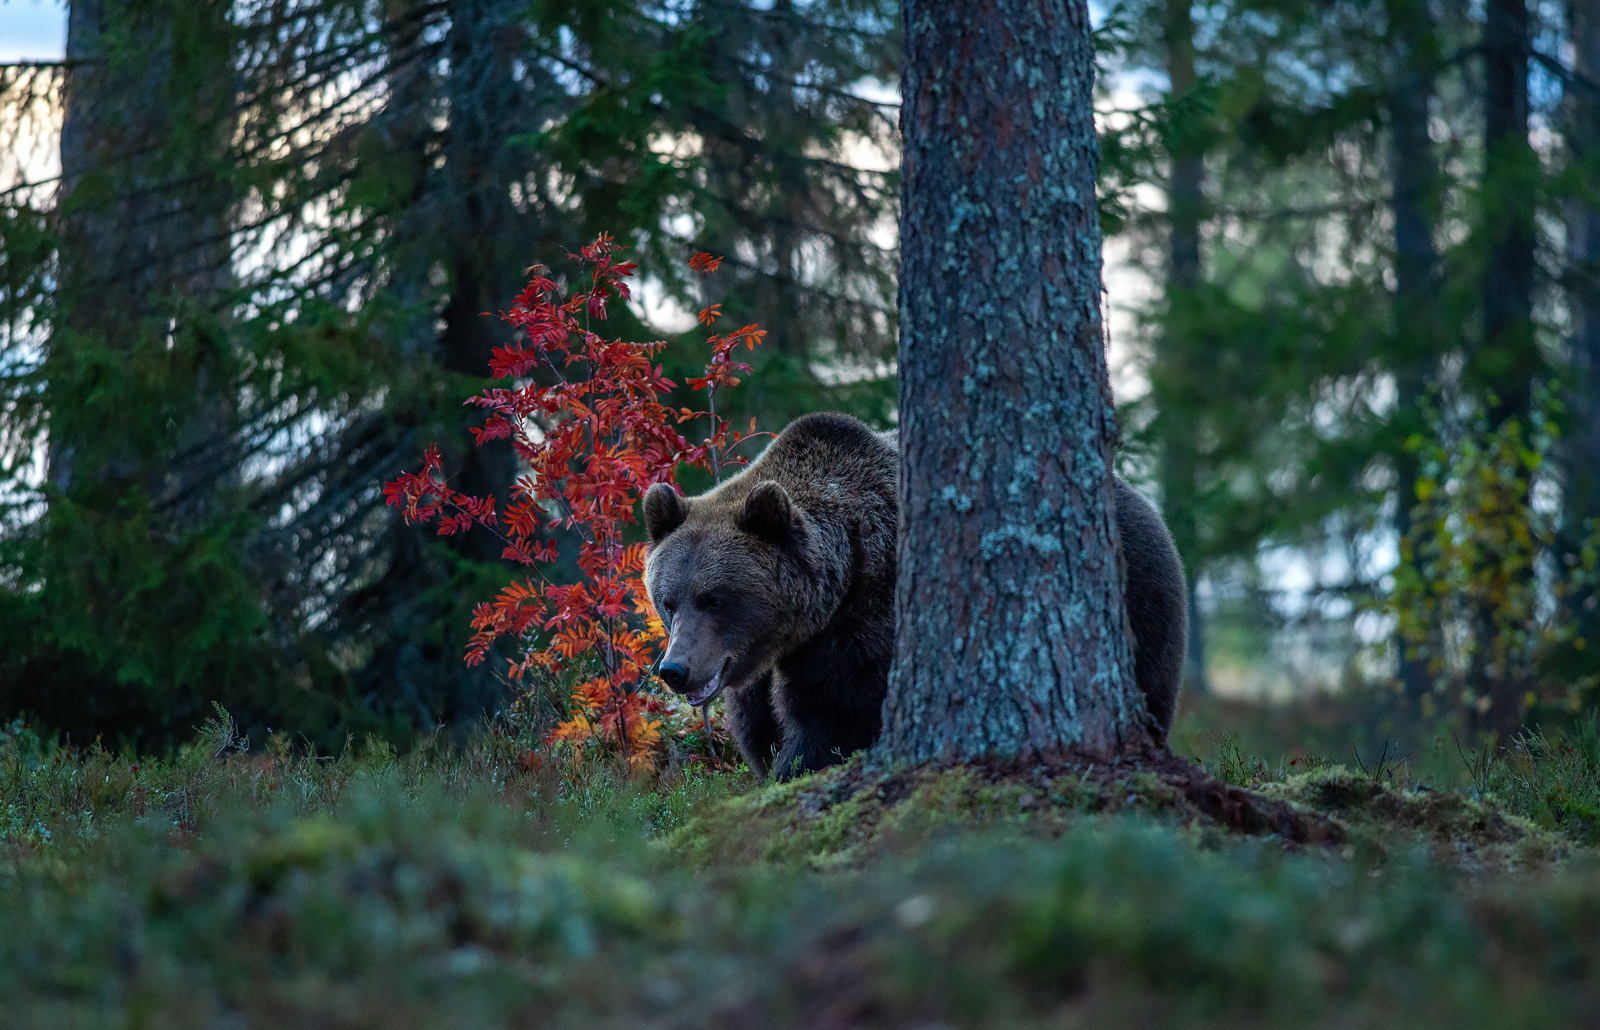 Karu pihhlakatega